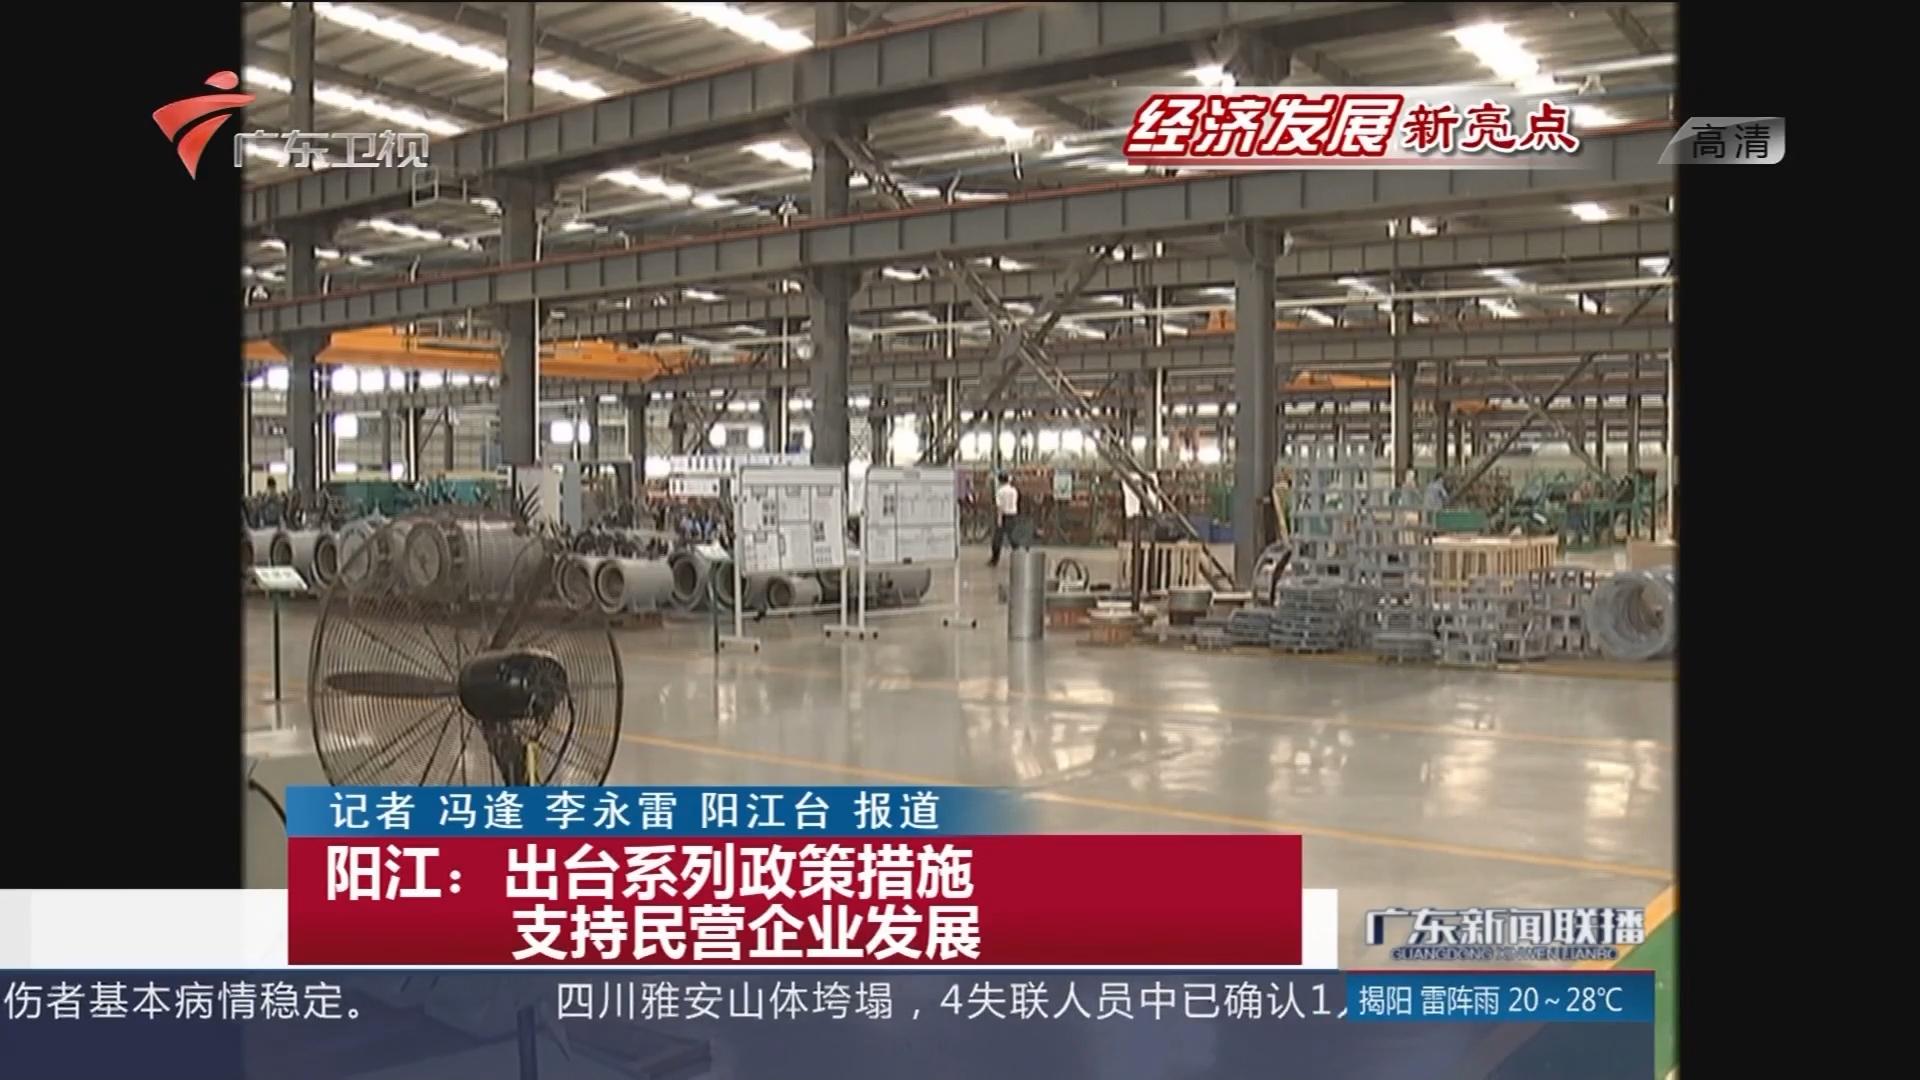 阳江:出台系列政策措施 支持民营企业发展